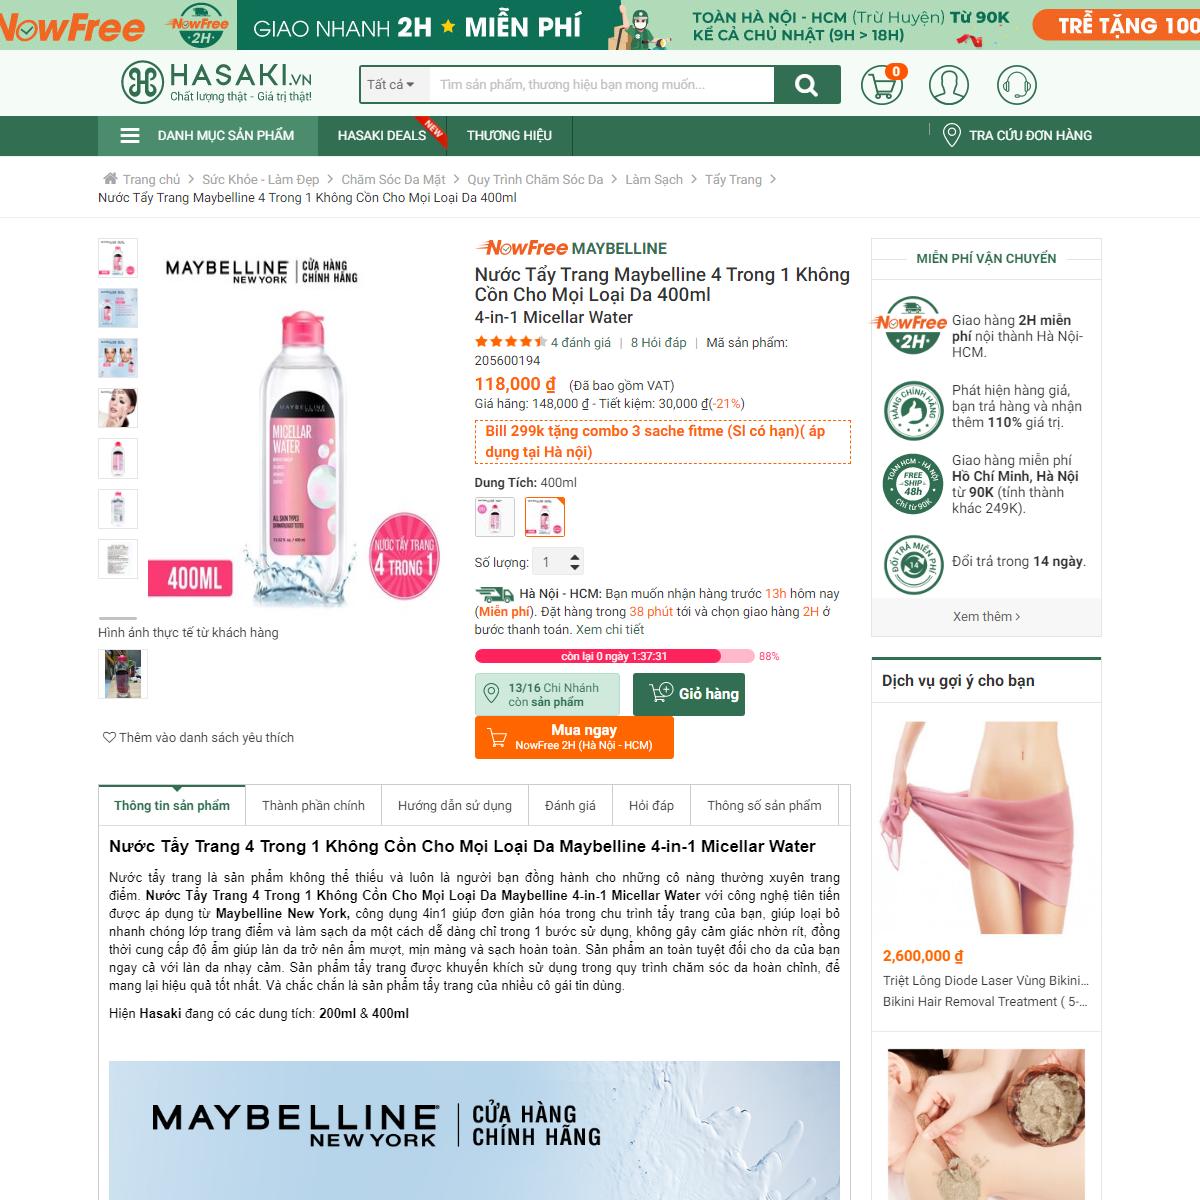 Nước Tẩy Trang Maybelline 4 Trong 1 Không Cồn Cho Mọi Loại Da 400ml - Hasaki.vn